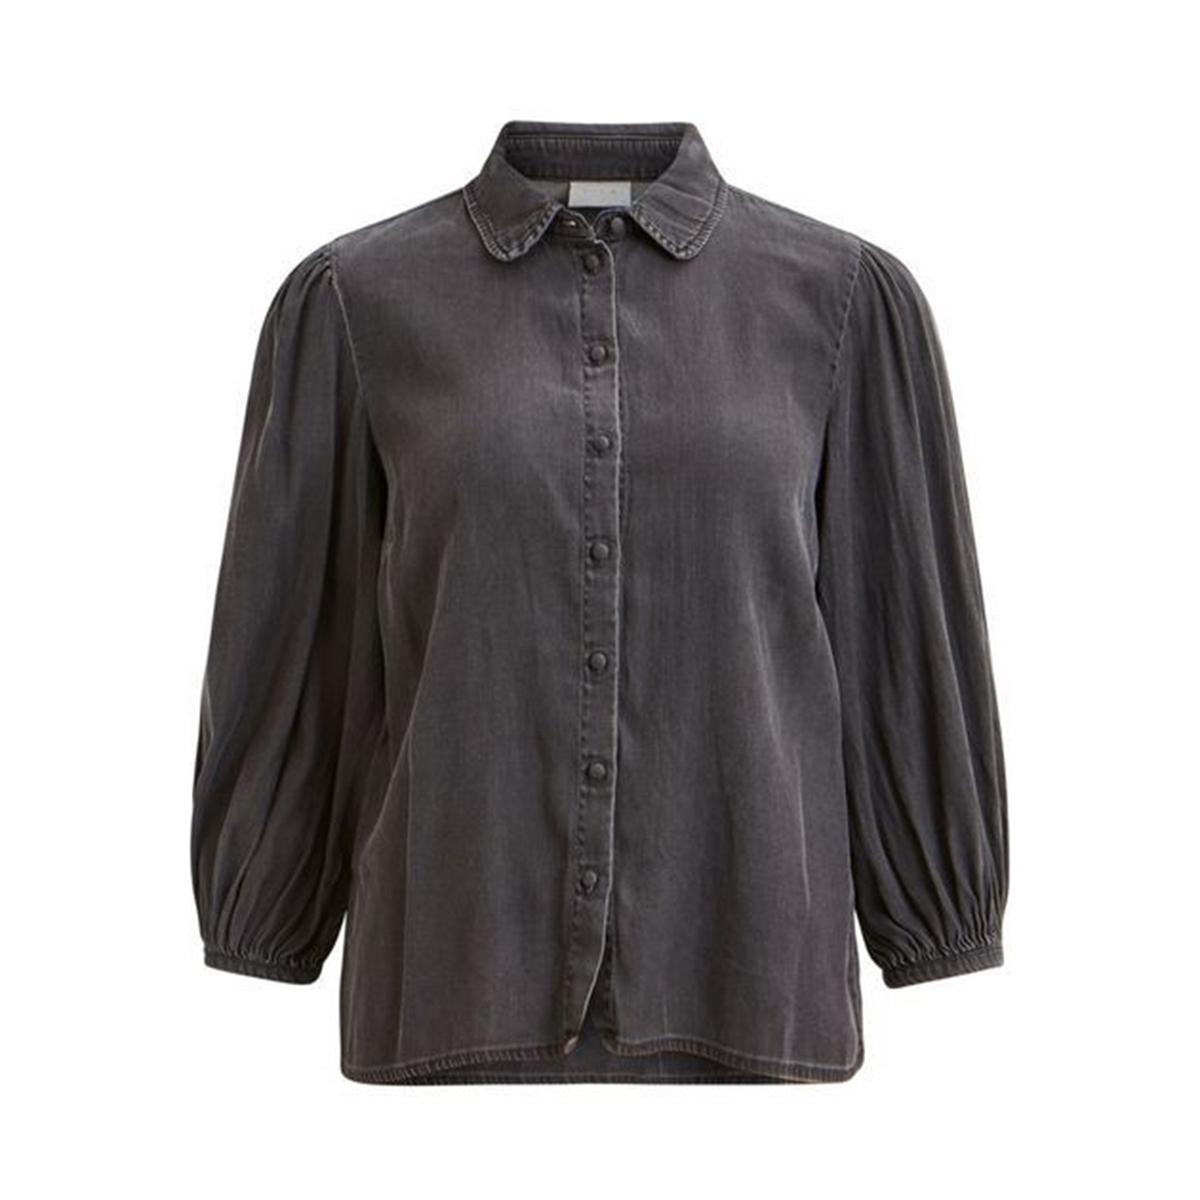 Рубашка из лиоцелла, с отложным воротником и напускными рукавами рубашка c n c costume national рубашки с отложным воротником